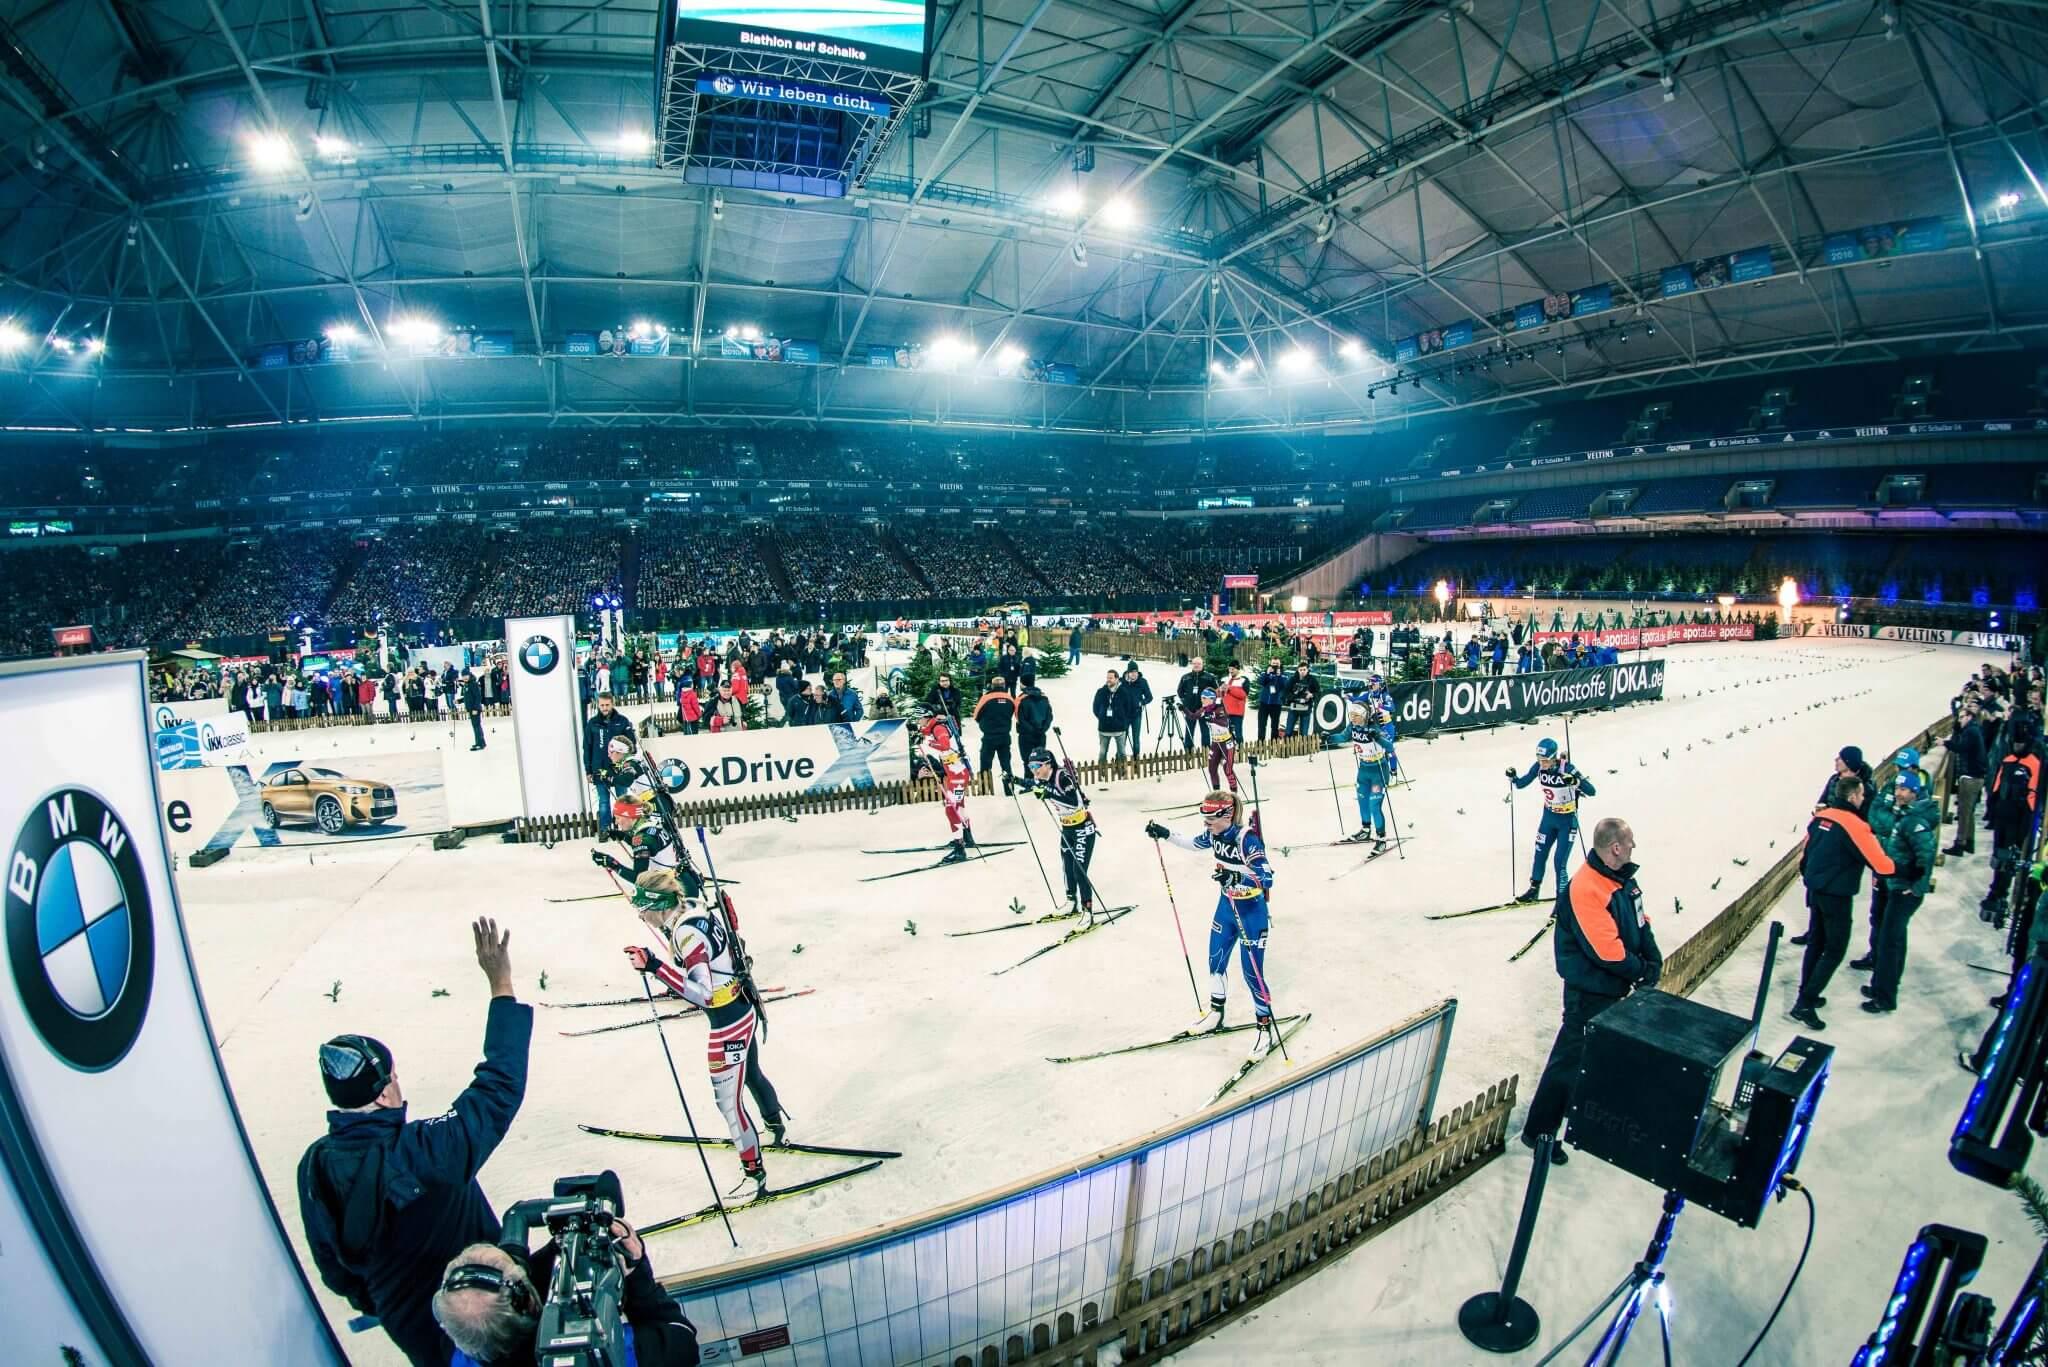 Joka München das starterfeld beim biathlon auf schalke 2018 joka biathlon wtc